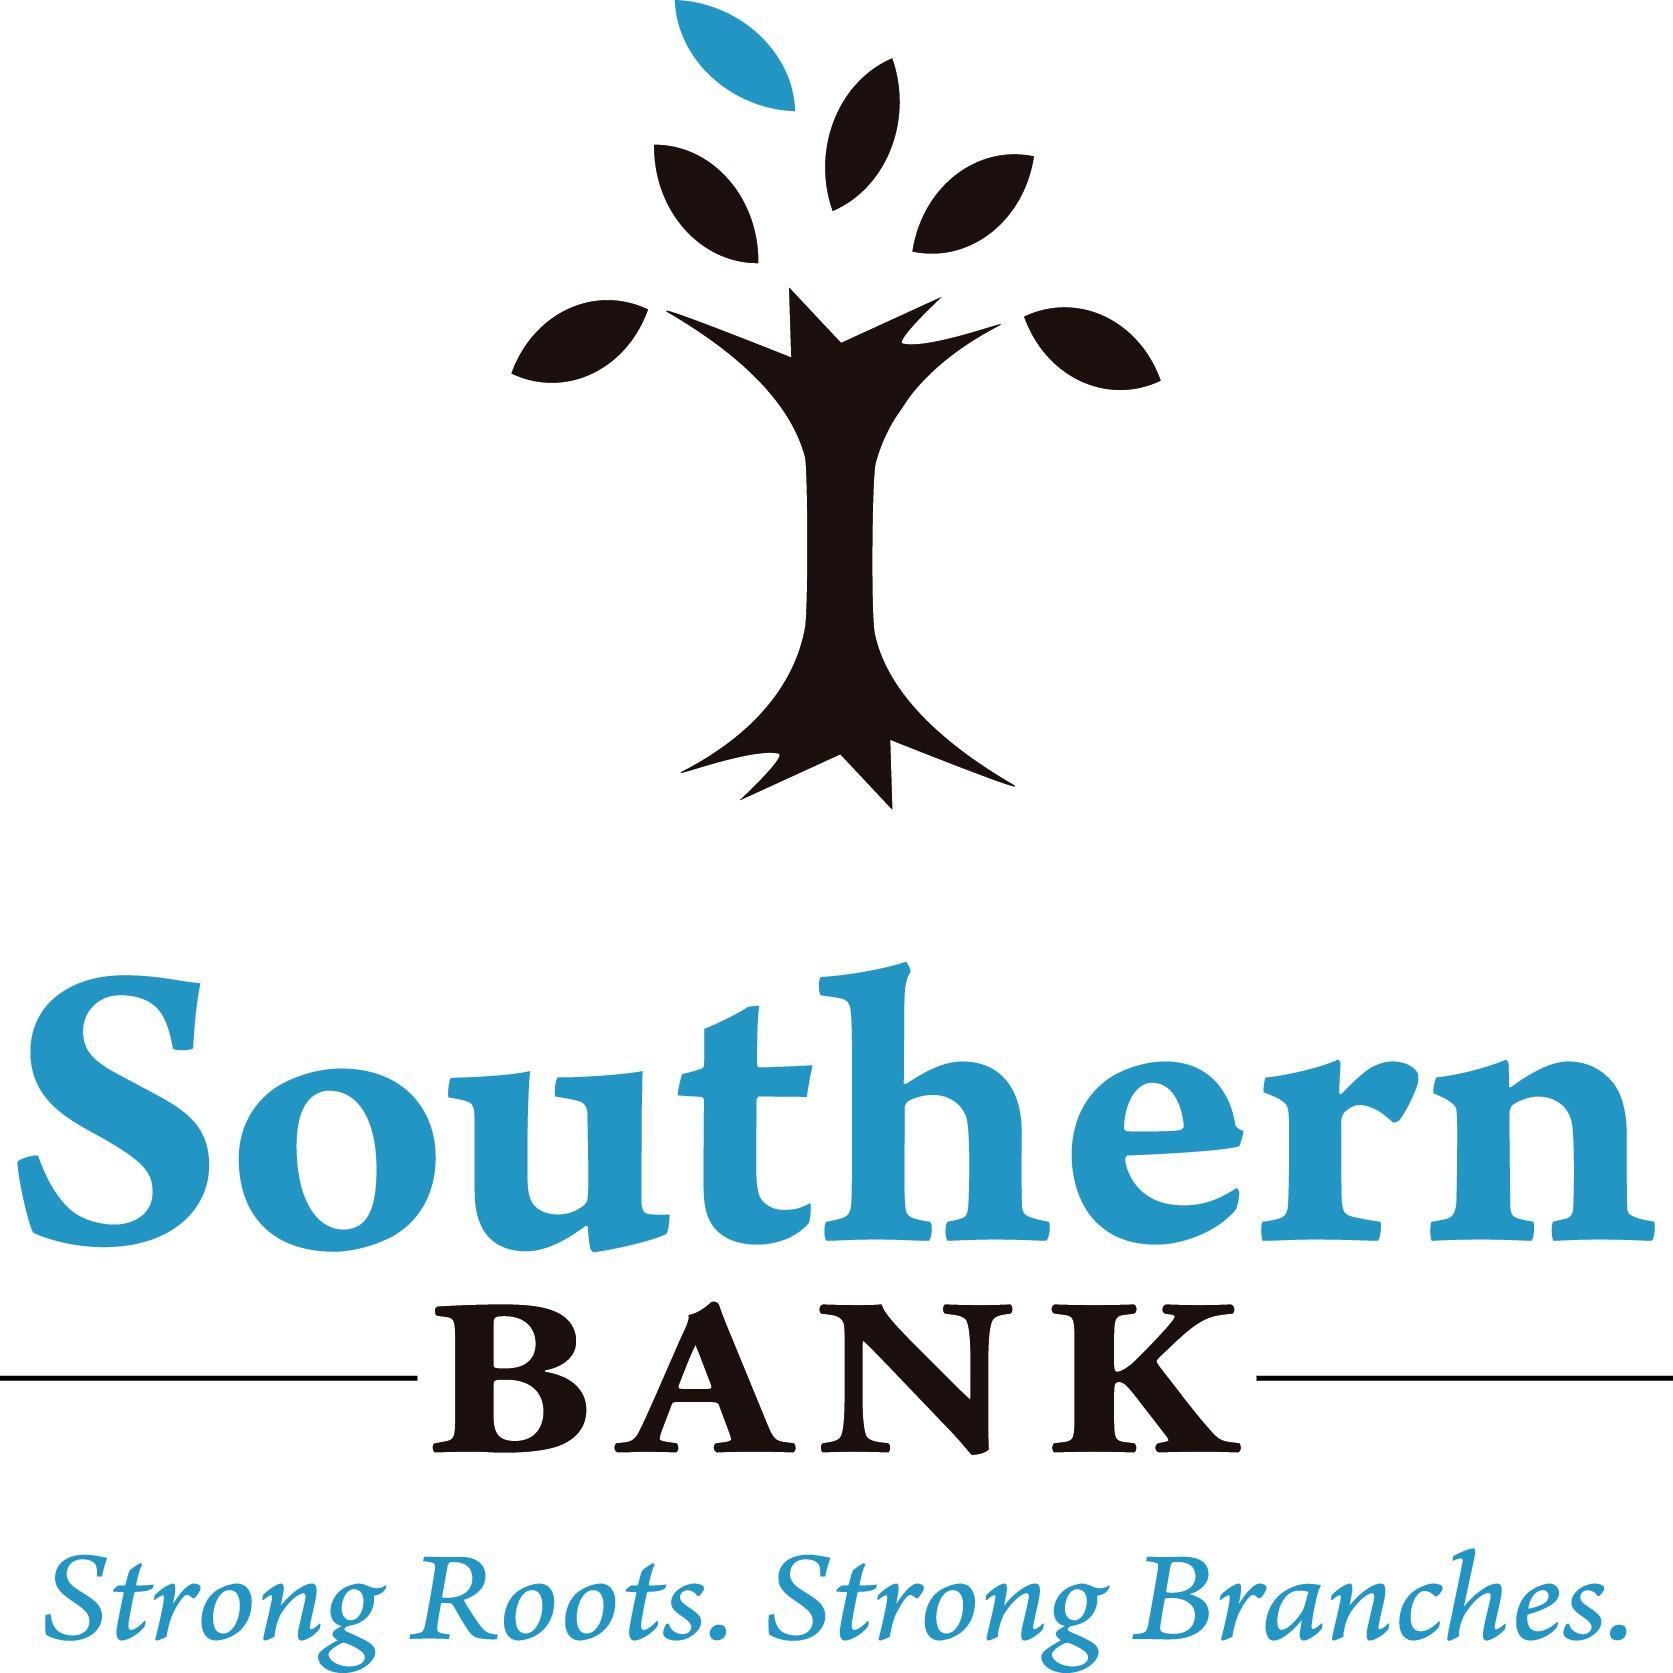 Deana Bennett, Southern Bank Lender